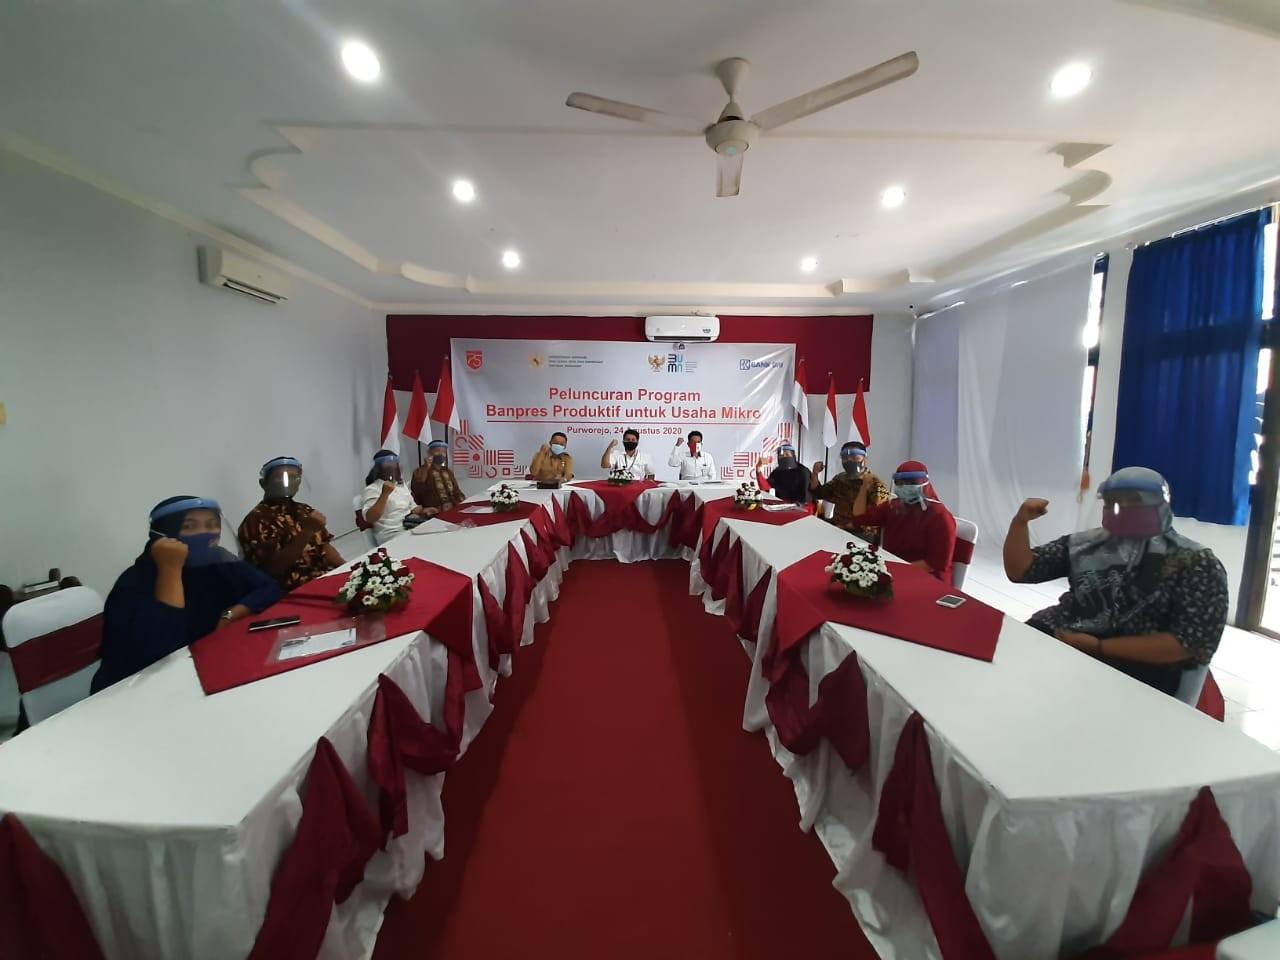 Peluncuran Bantuan Produktif Usaha Mikro (BPUM) di BRI Cabang Purworejo